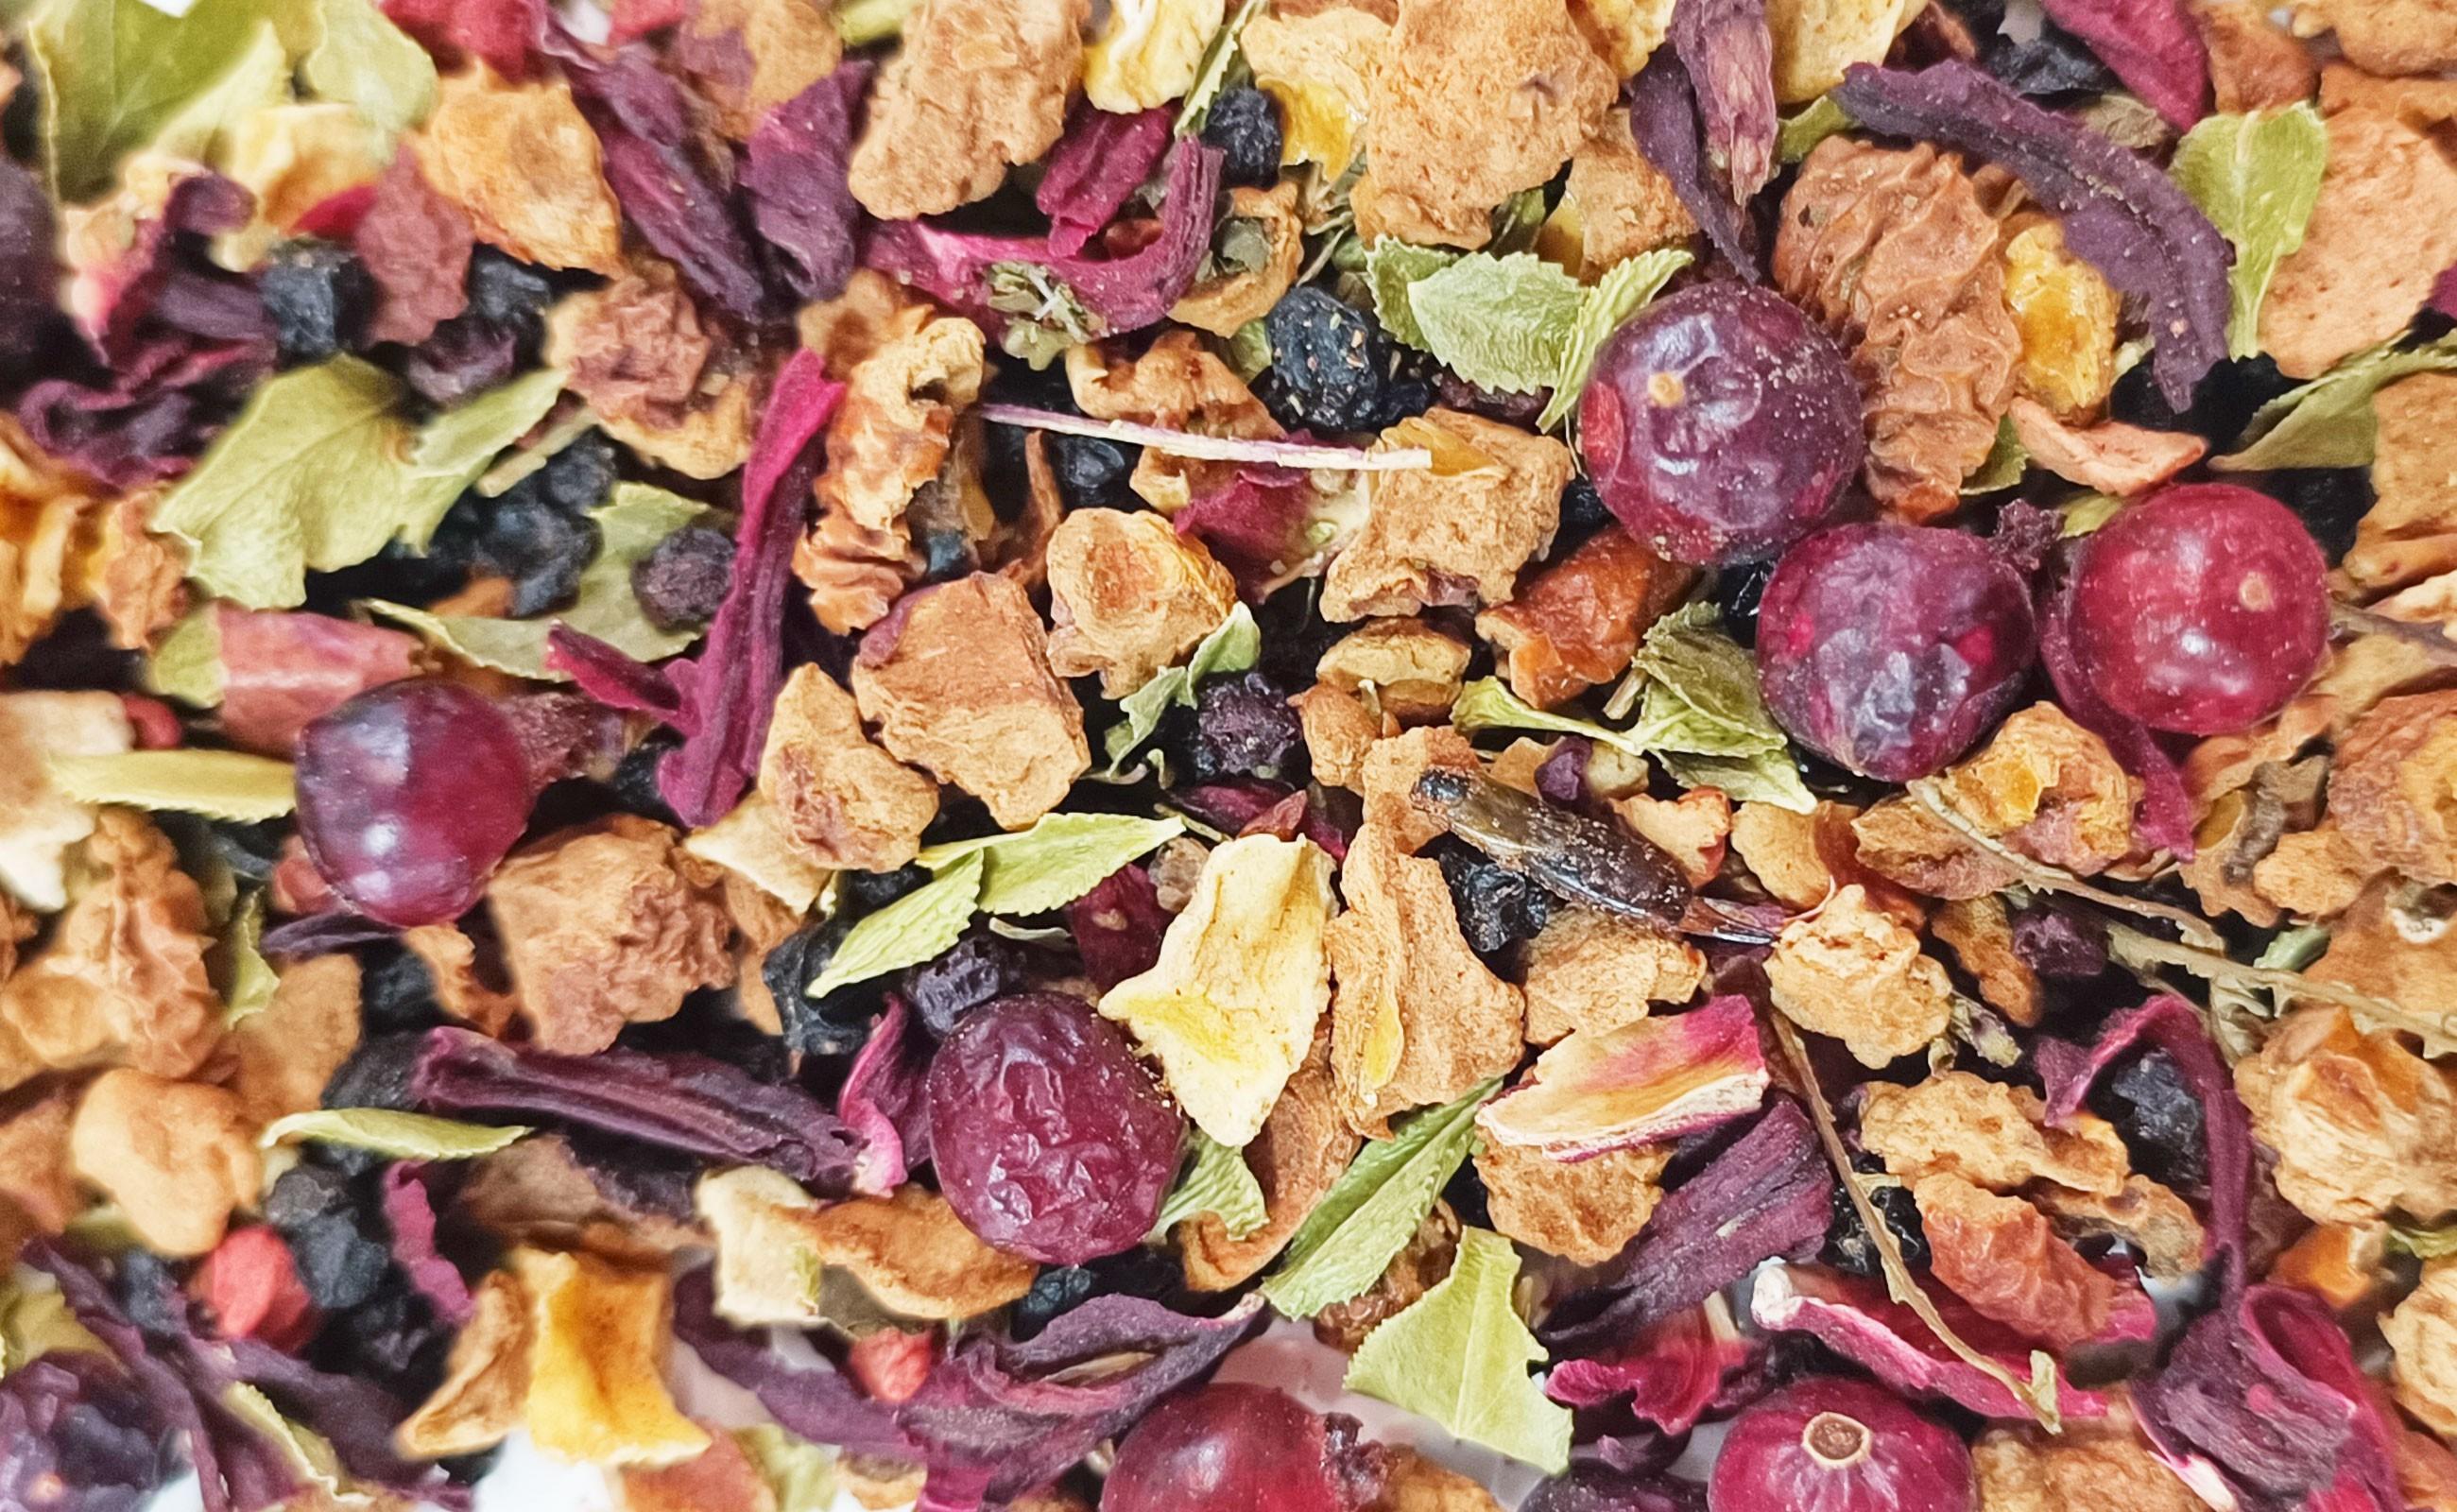 importadores mayoristas de mezclas de frutas y plantas